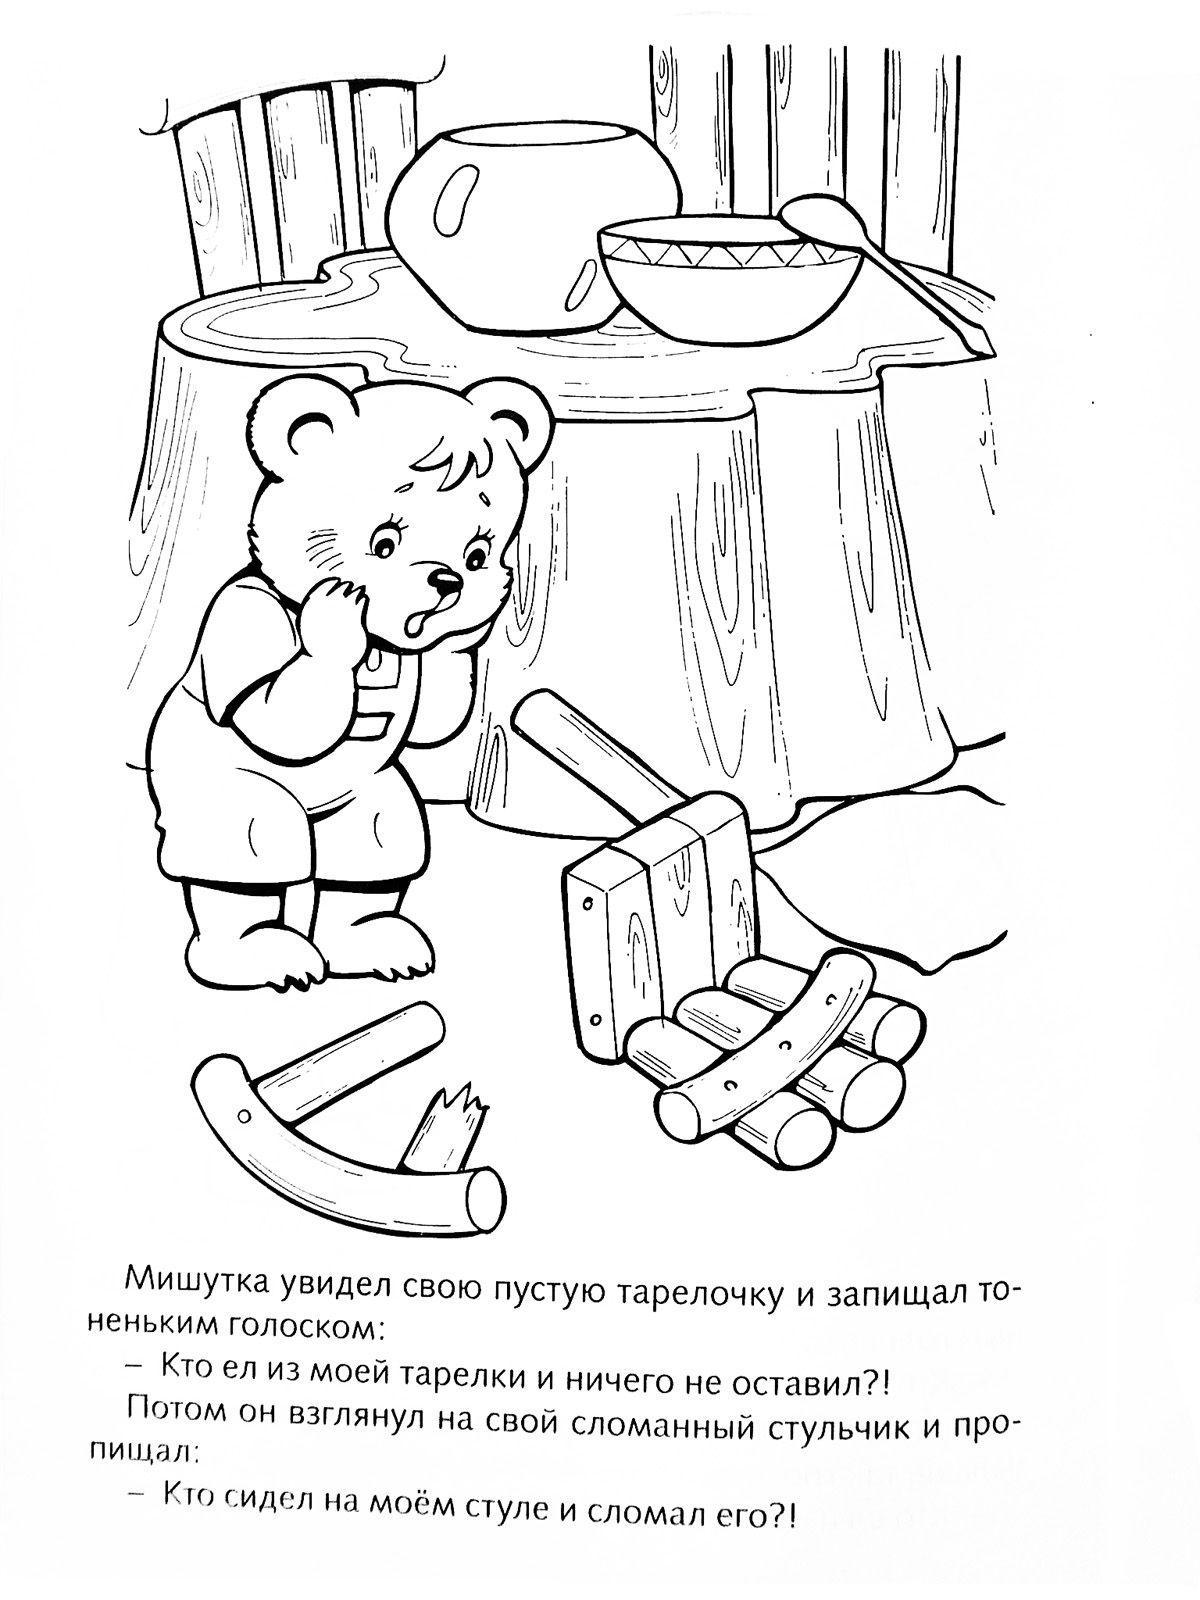 раскраска три медведя распечатать скачать бесплатно